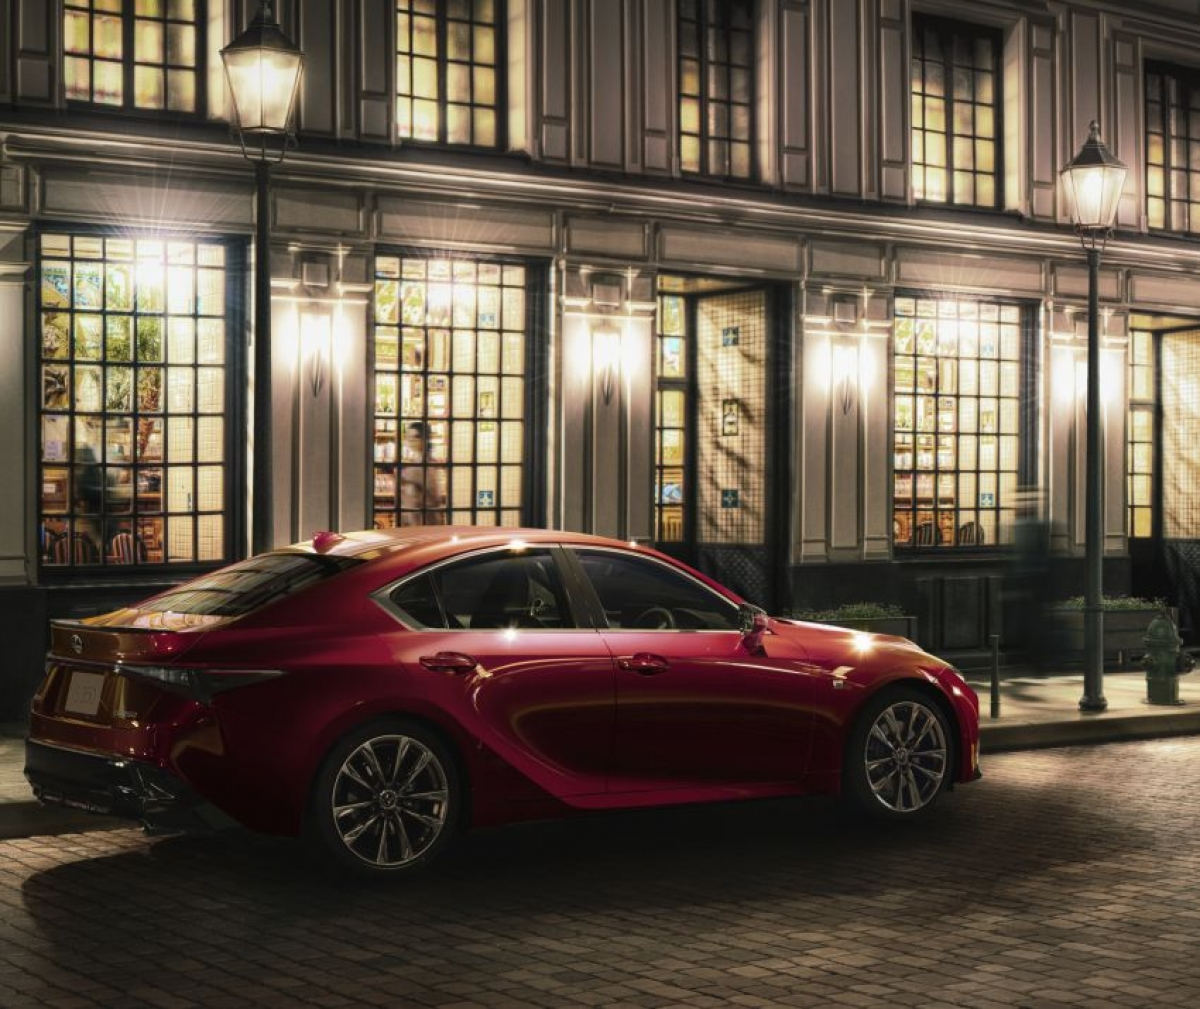 Lexus cũng đã làm thấp những đường vai và kéo ở hai bên sườn làm tôn lên vòm bánh với chắn bùn rộng hơnkiểu widebody.Kính phía sau thu gọn và nắp cốp làm nổi bật cụm đèn pha dạng chữ L, cùngphần cản va mới và phần mô phỏng bộ khuếch tán không khí. Chiếc IS dài hơn 30 mm, rộng hơn 30 mm và thấp hơn 5 mm so với phiên bản trước.